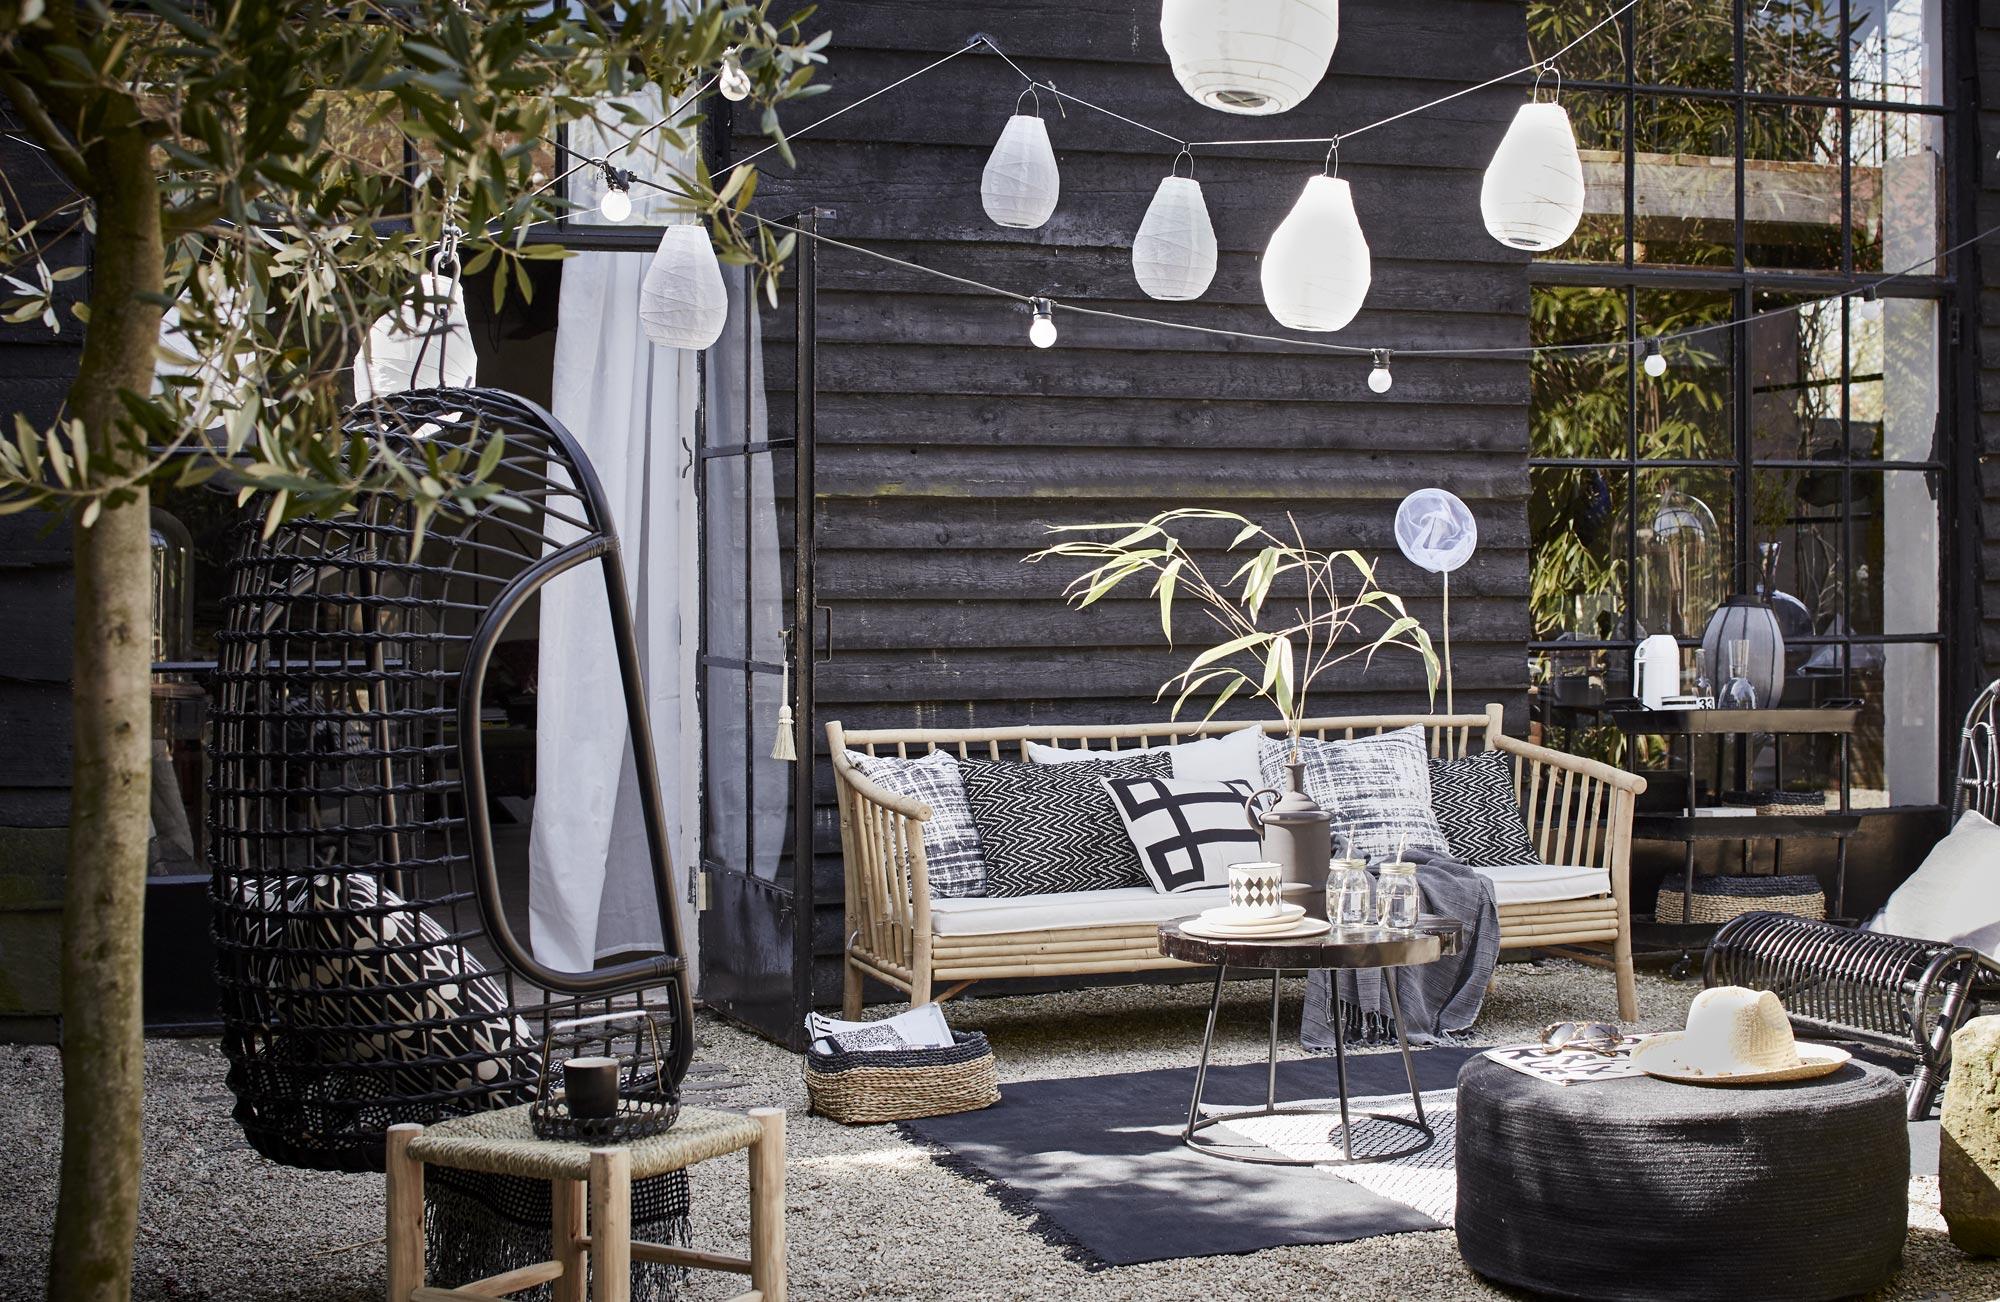 Suspendus s lection de fauteuils suspendus et hamacs - Claustra ontwerp pour terras ...